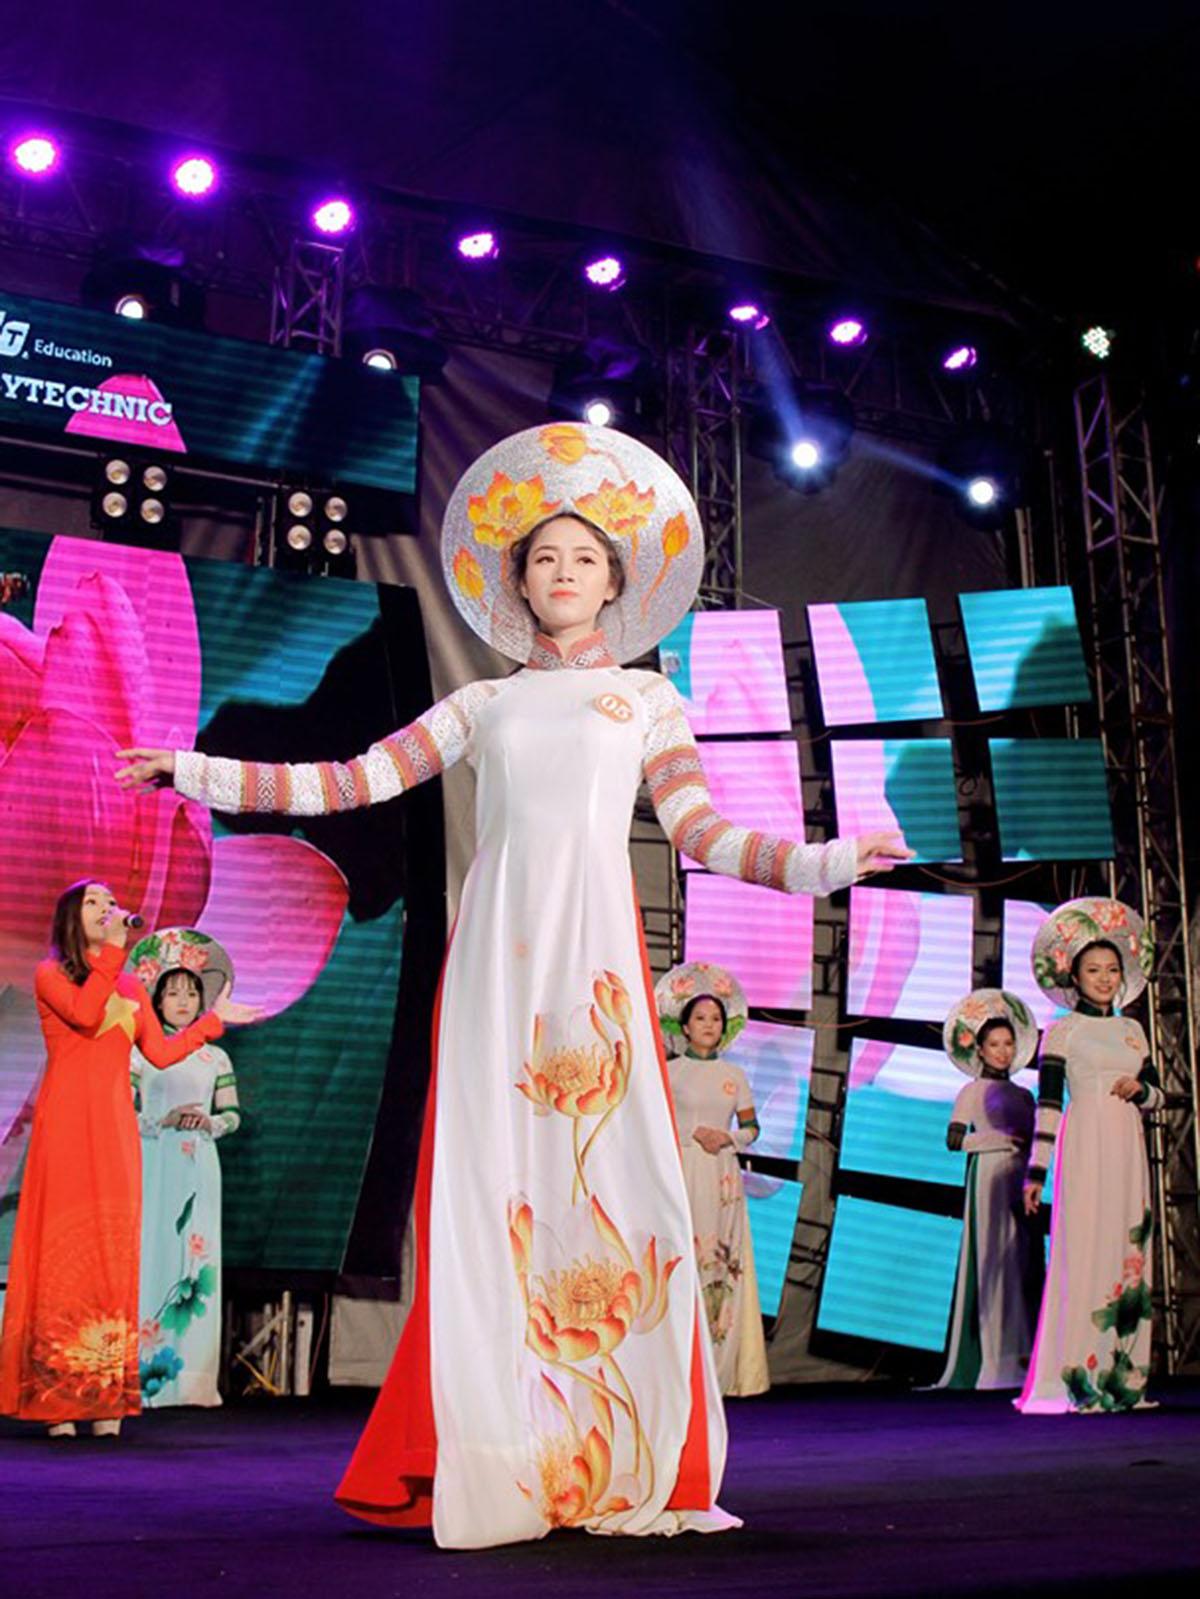 Các thí sinh lần lượt bước vào phần thi: Trang phục áo dài, trang phục dạ hội và ứng xử. Cuộc thi nhằm tìm kiếm gương mặt nữ sinh thanh lịch, năng động, bản lĩnh và tự tin đang theo học tại FPT Polytechnic Tây Nguyên.